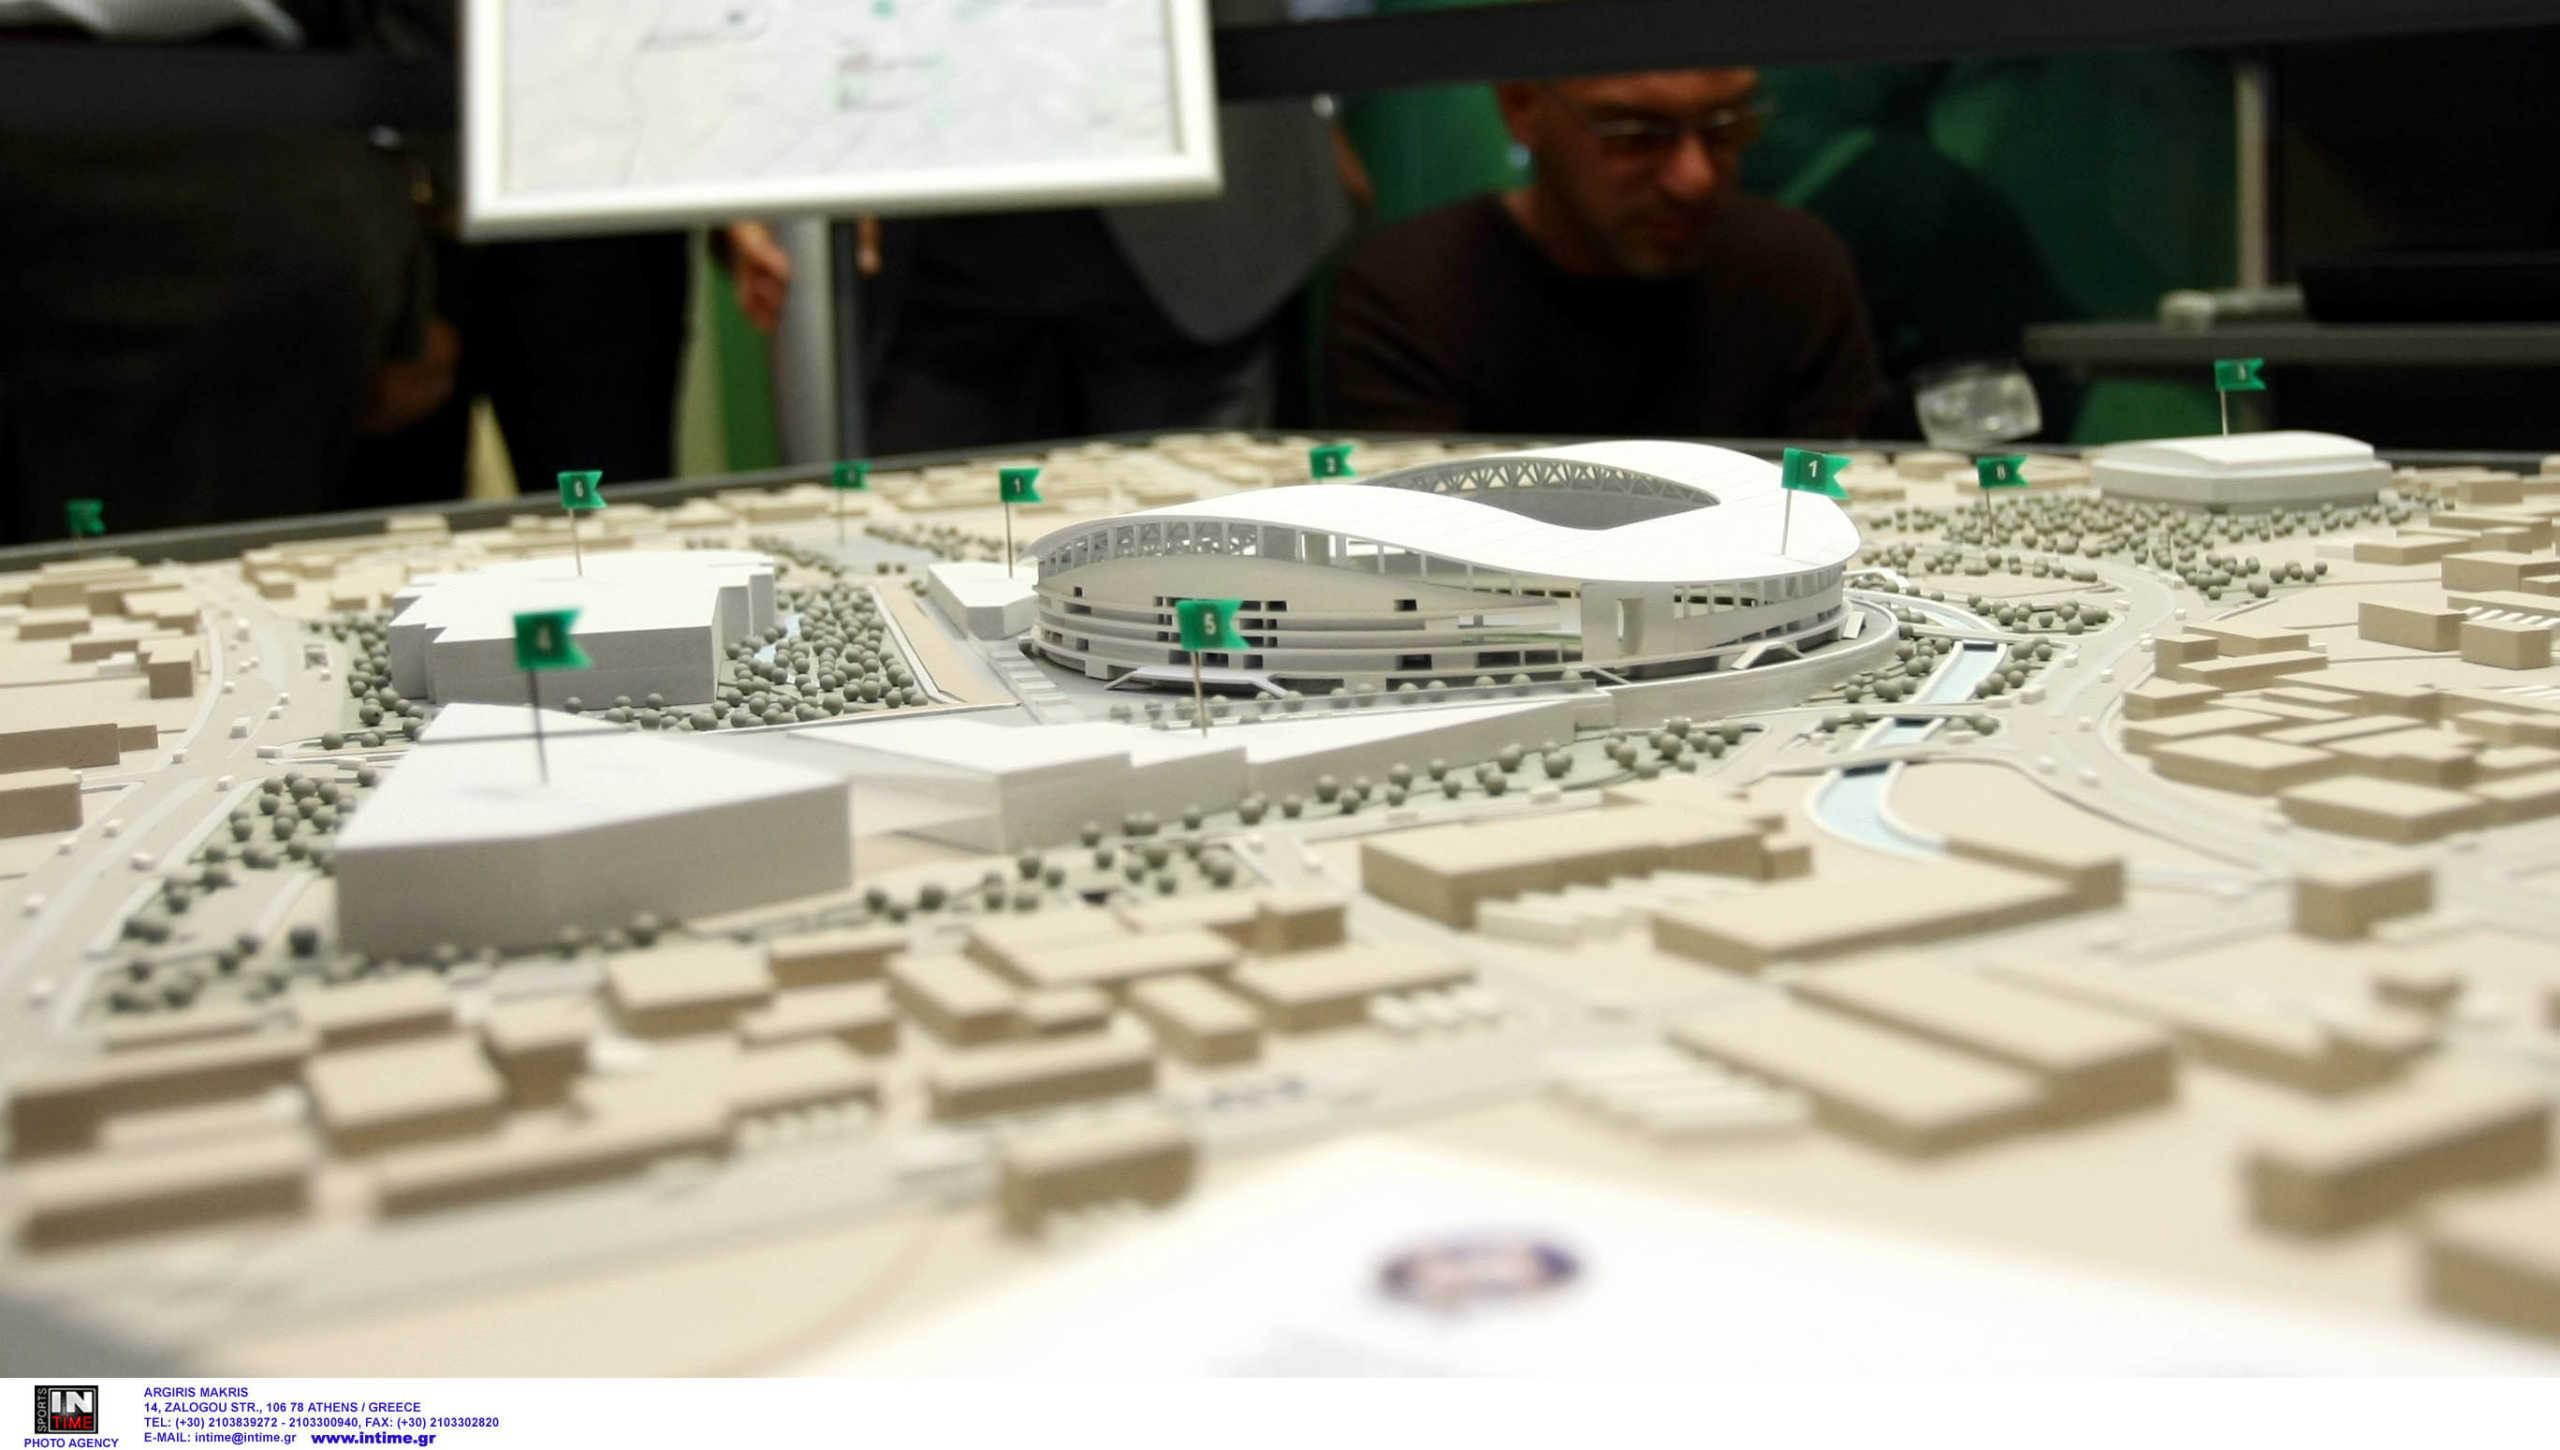 Γήπεδο Παναθηναϊκού: 'Έρχονται ανακοινώσεις από Μπακογιάννη – Έτοιμη η χρηματοδότηση 150-200 εκατ.